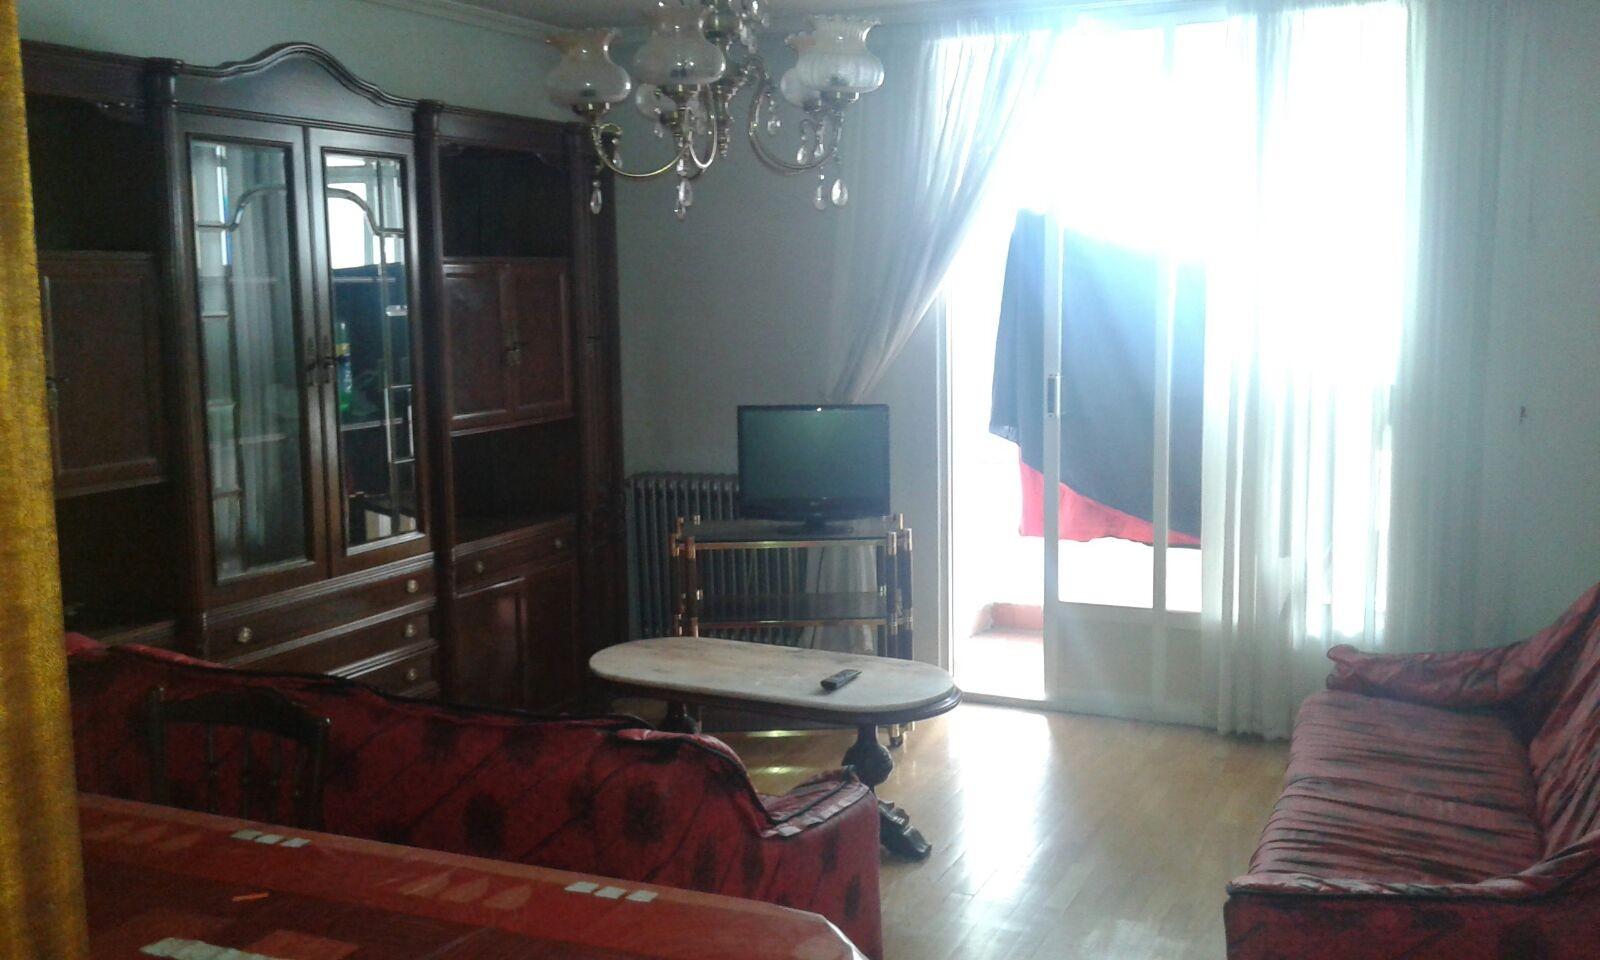 alquilo-habitacion-en-piso-compartido-en-leon-06060f3a951c3fa07d38495339986564